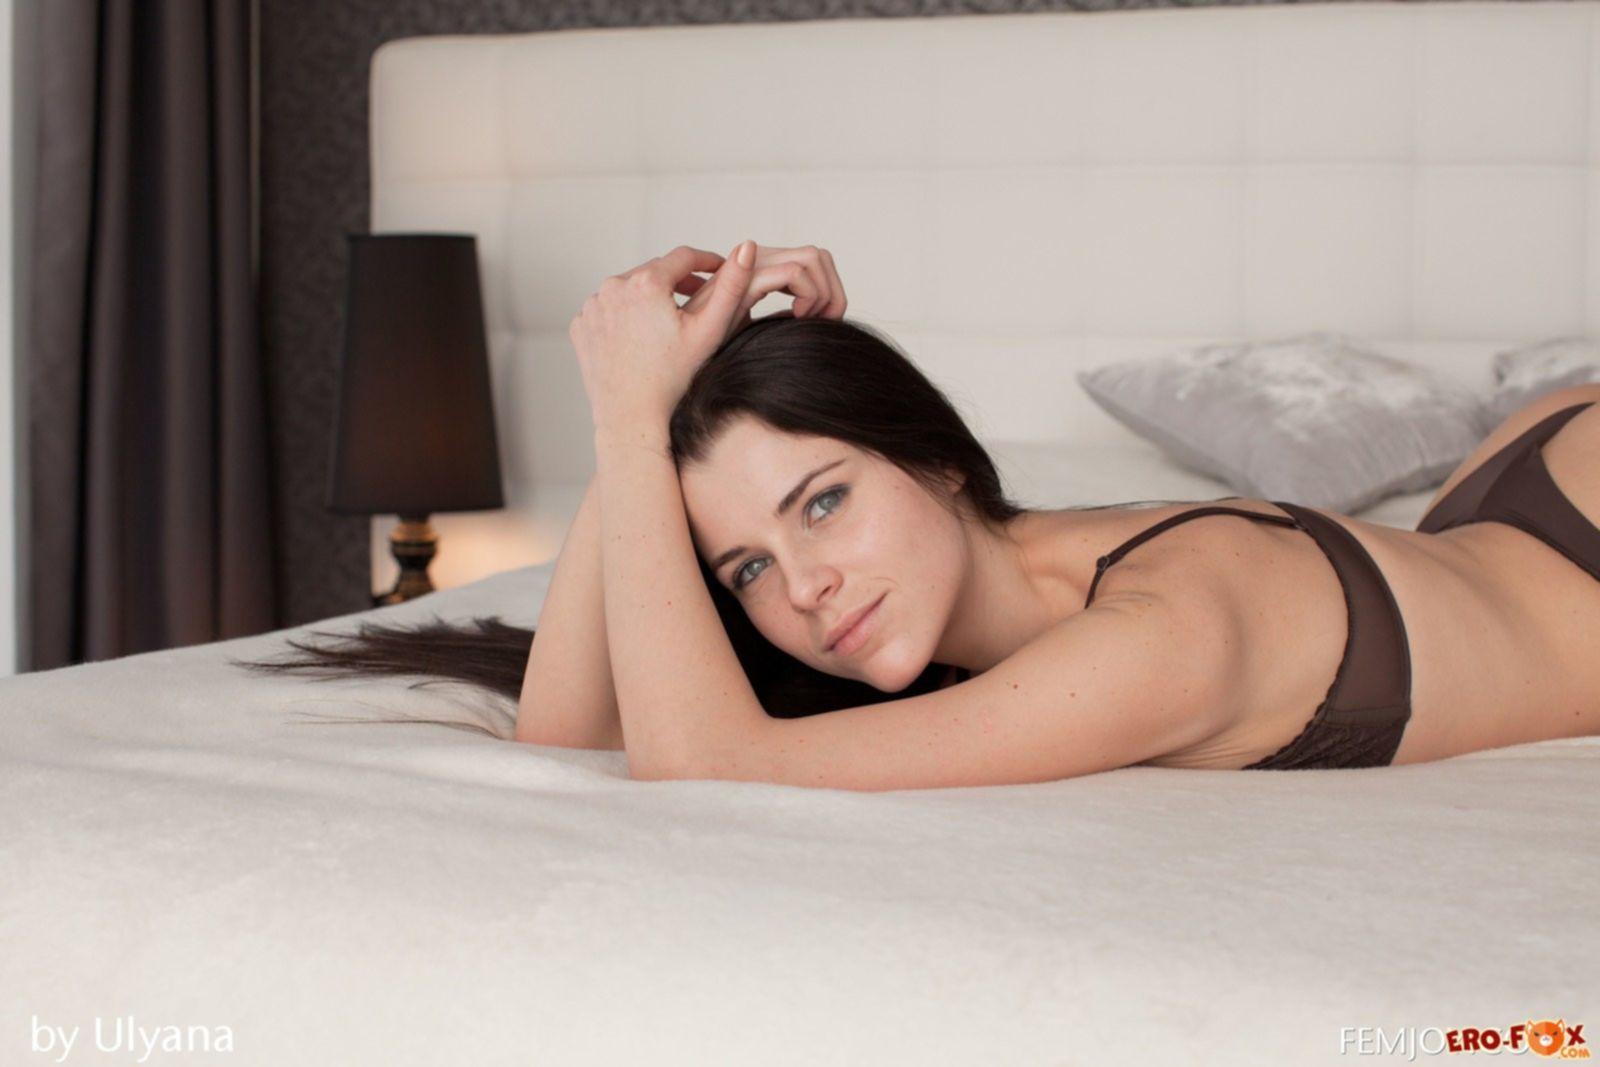 Хорошенькая девушка голая в постели утром - фото.